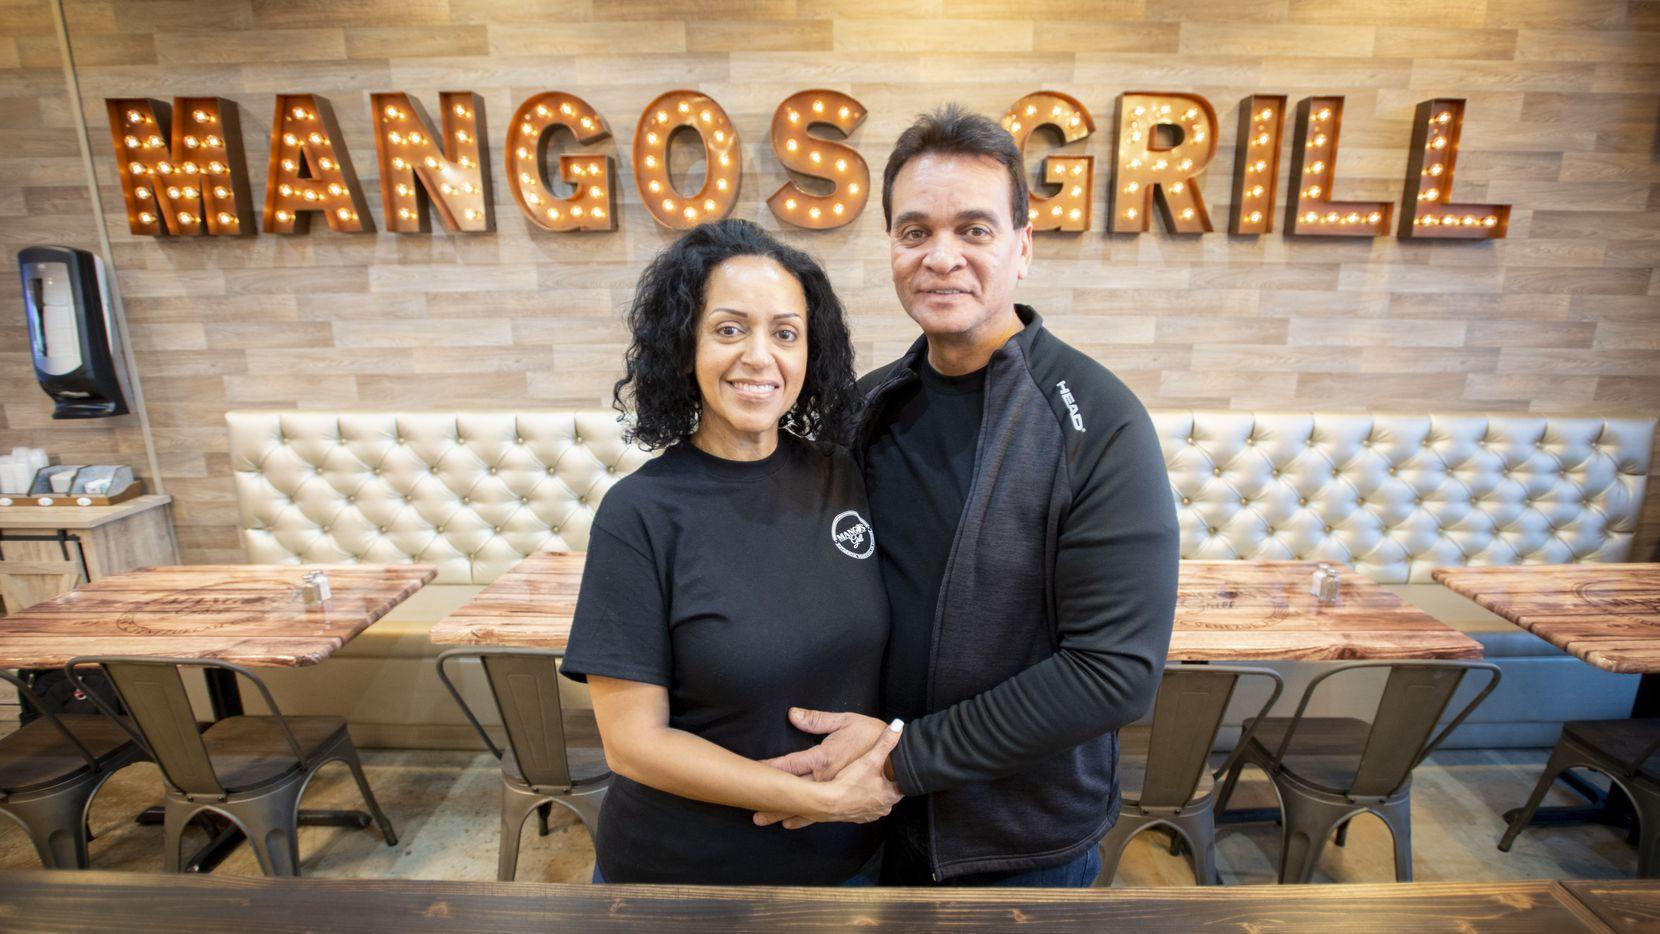 Karina y Edwin Castellano son esposos y dueños de Mango's Grill en Haltom City.